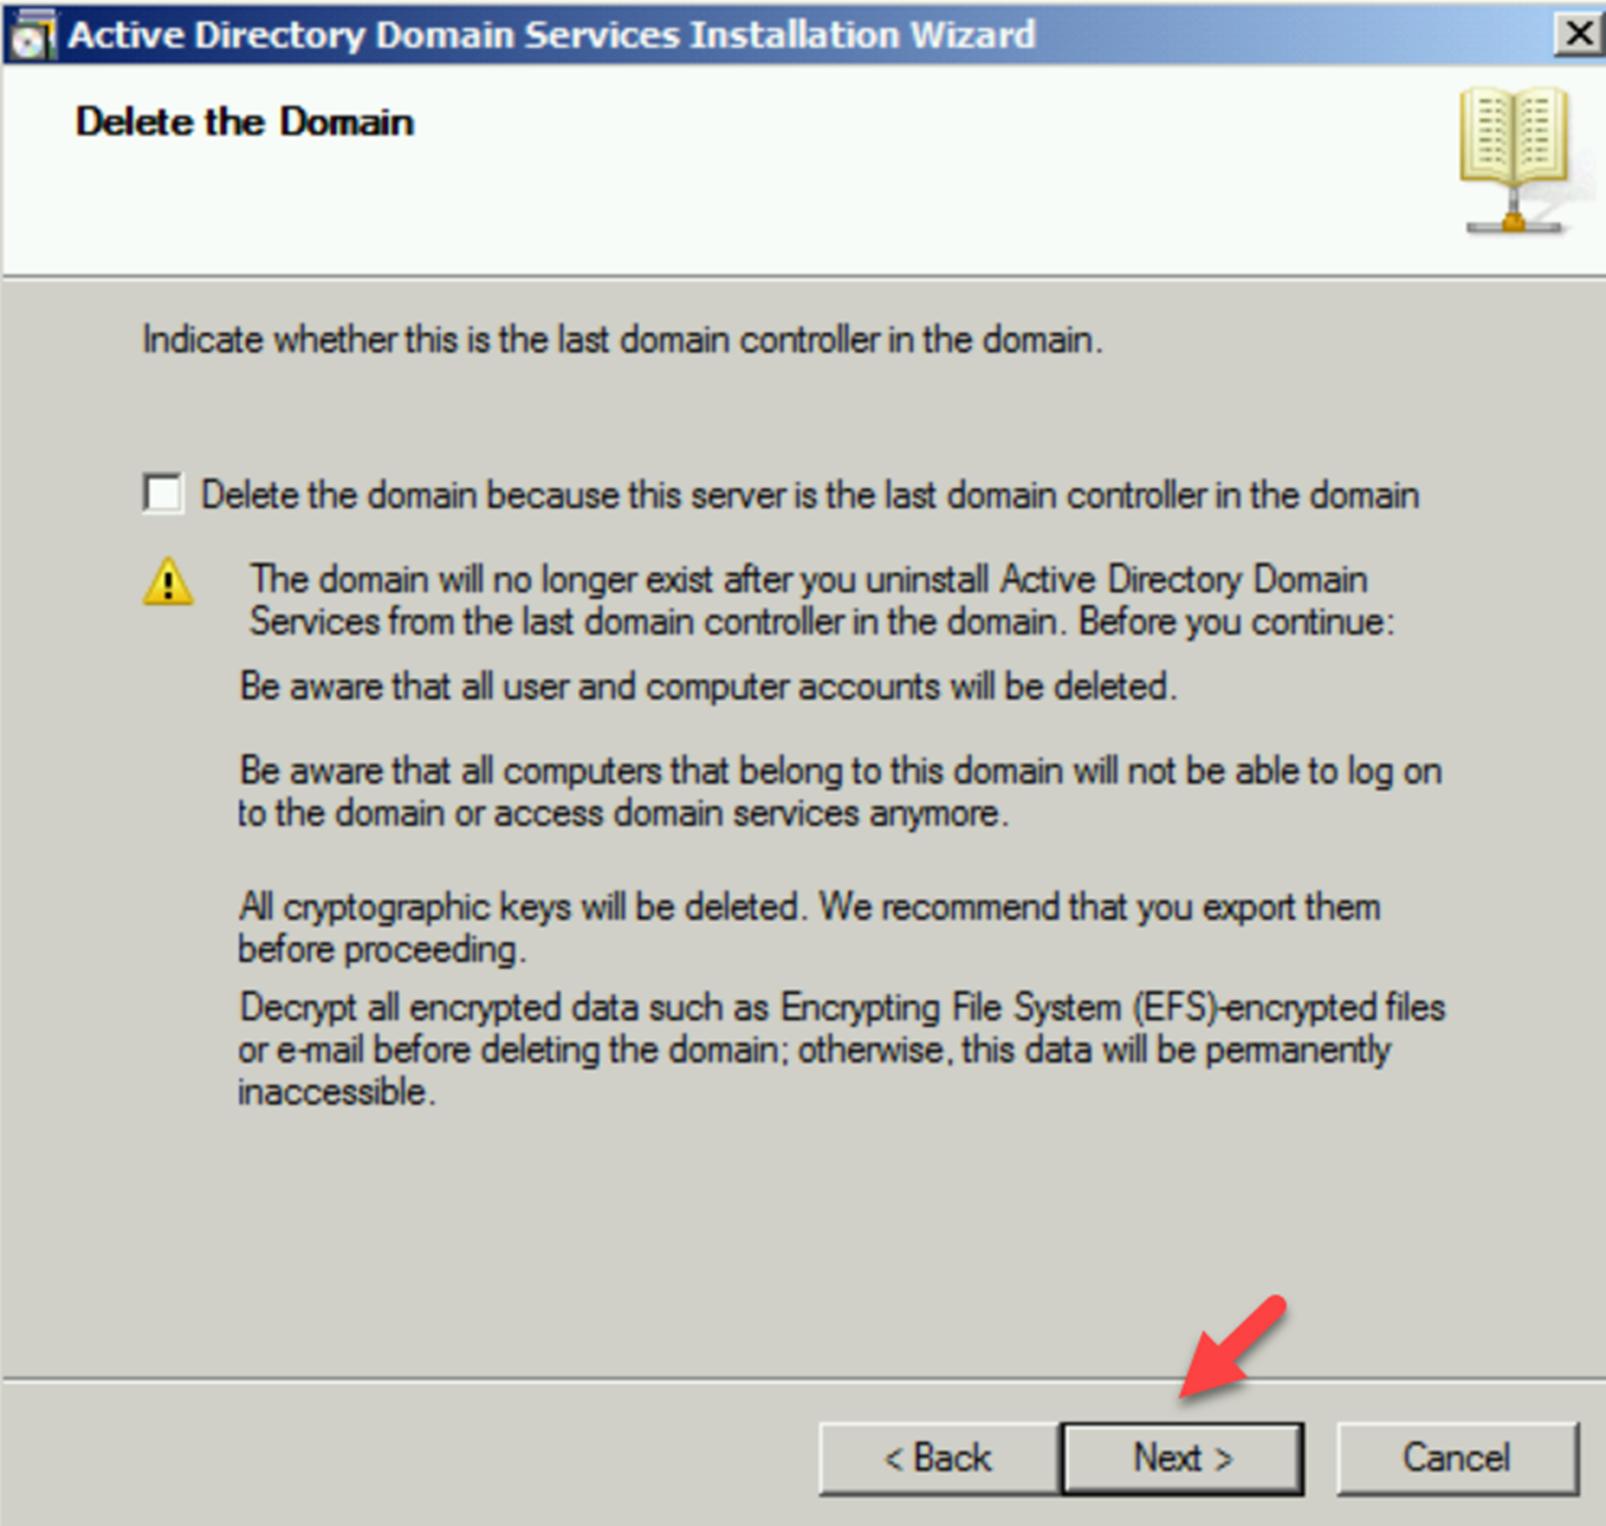 Delete the last domain controller